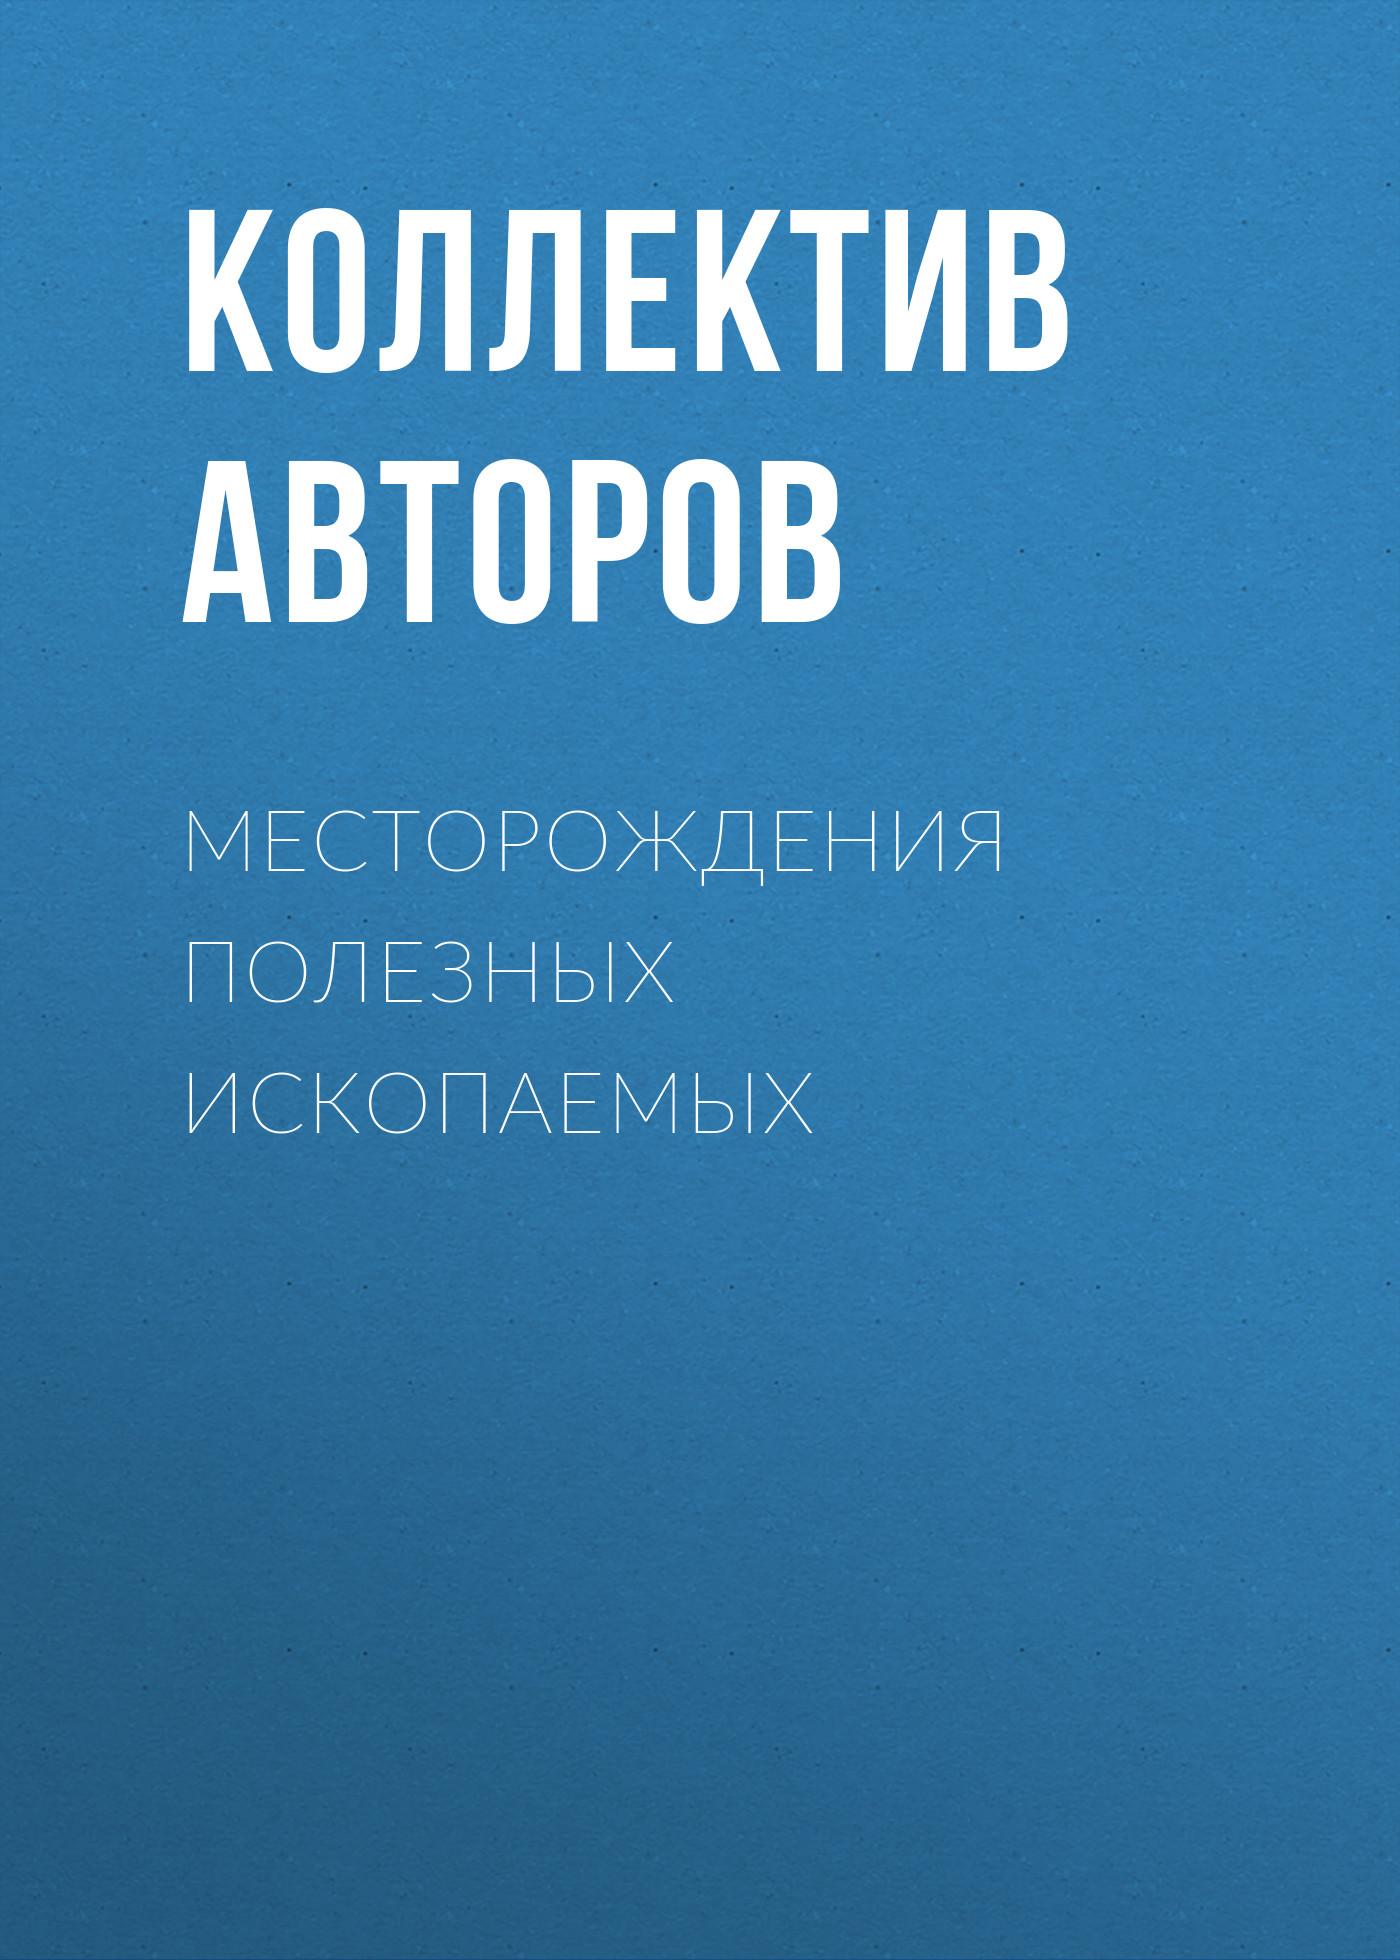 купить Коллектив авторов Месторождения полезных ископаемых по цене 39.9 рублей